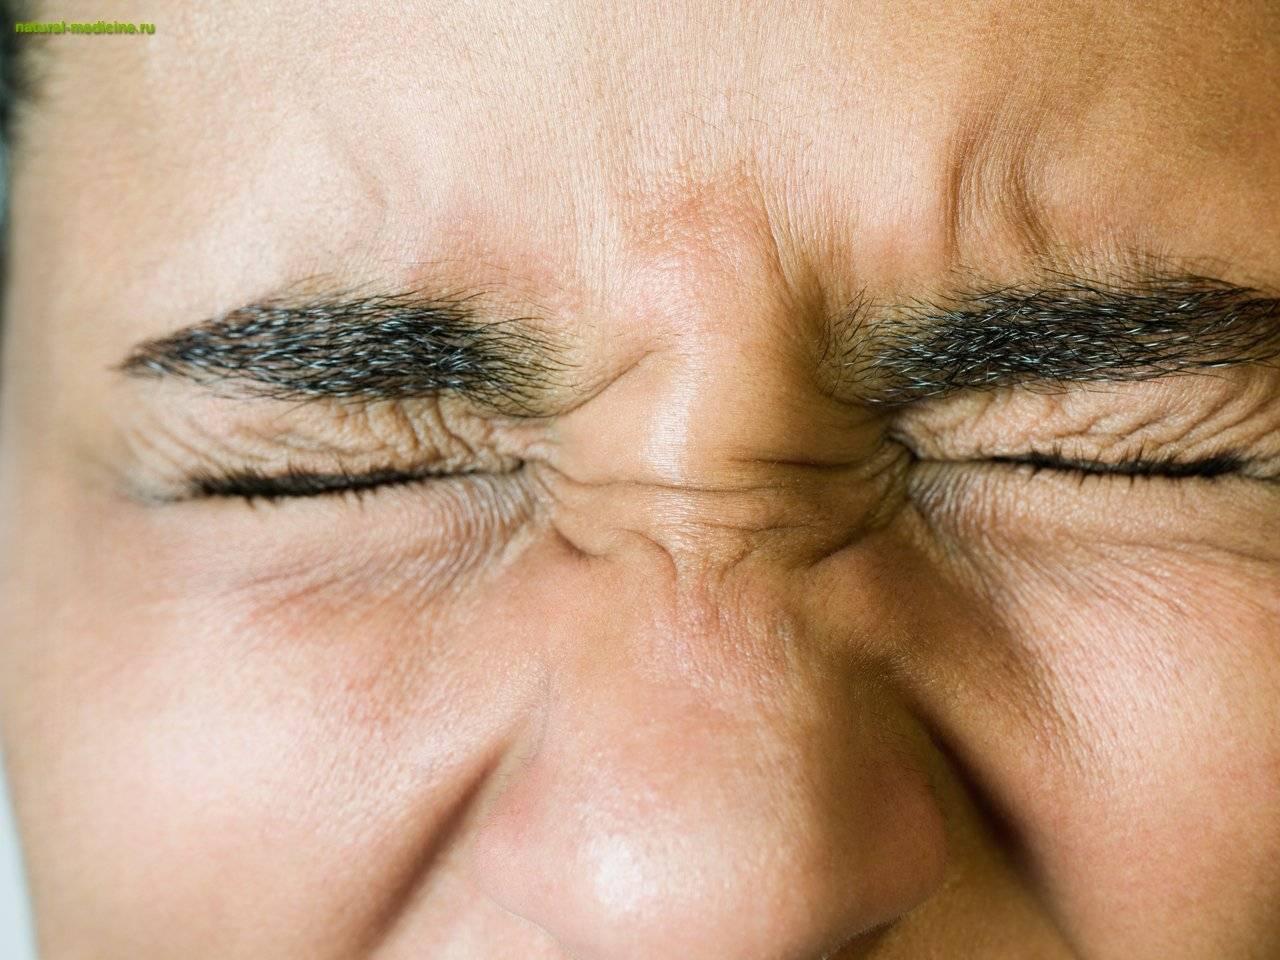 Дергается глаз верхнее веко: причины, симптомы и лечение народными средствами в домашних условиях